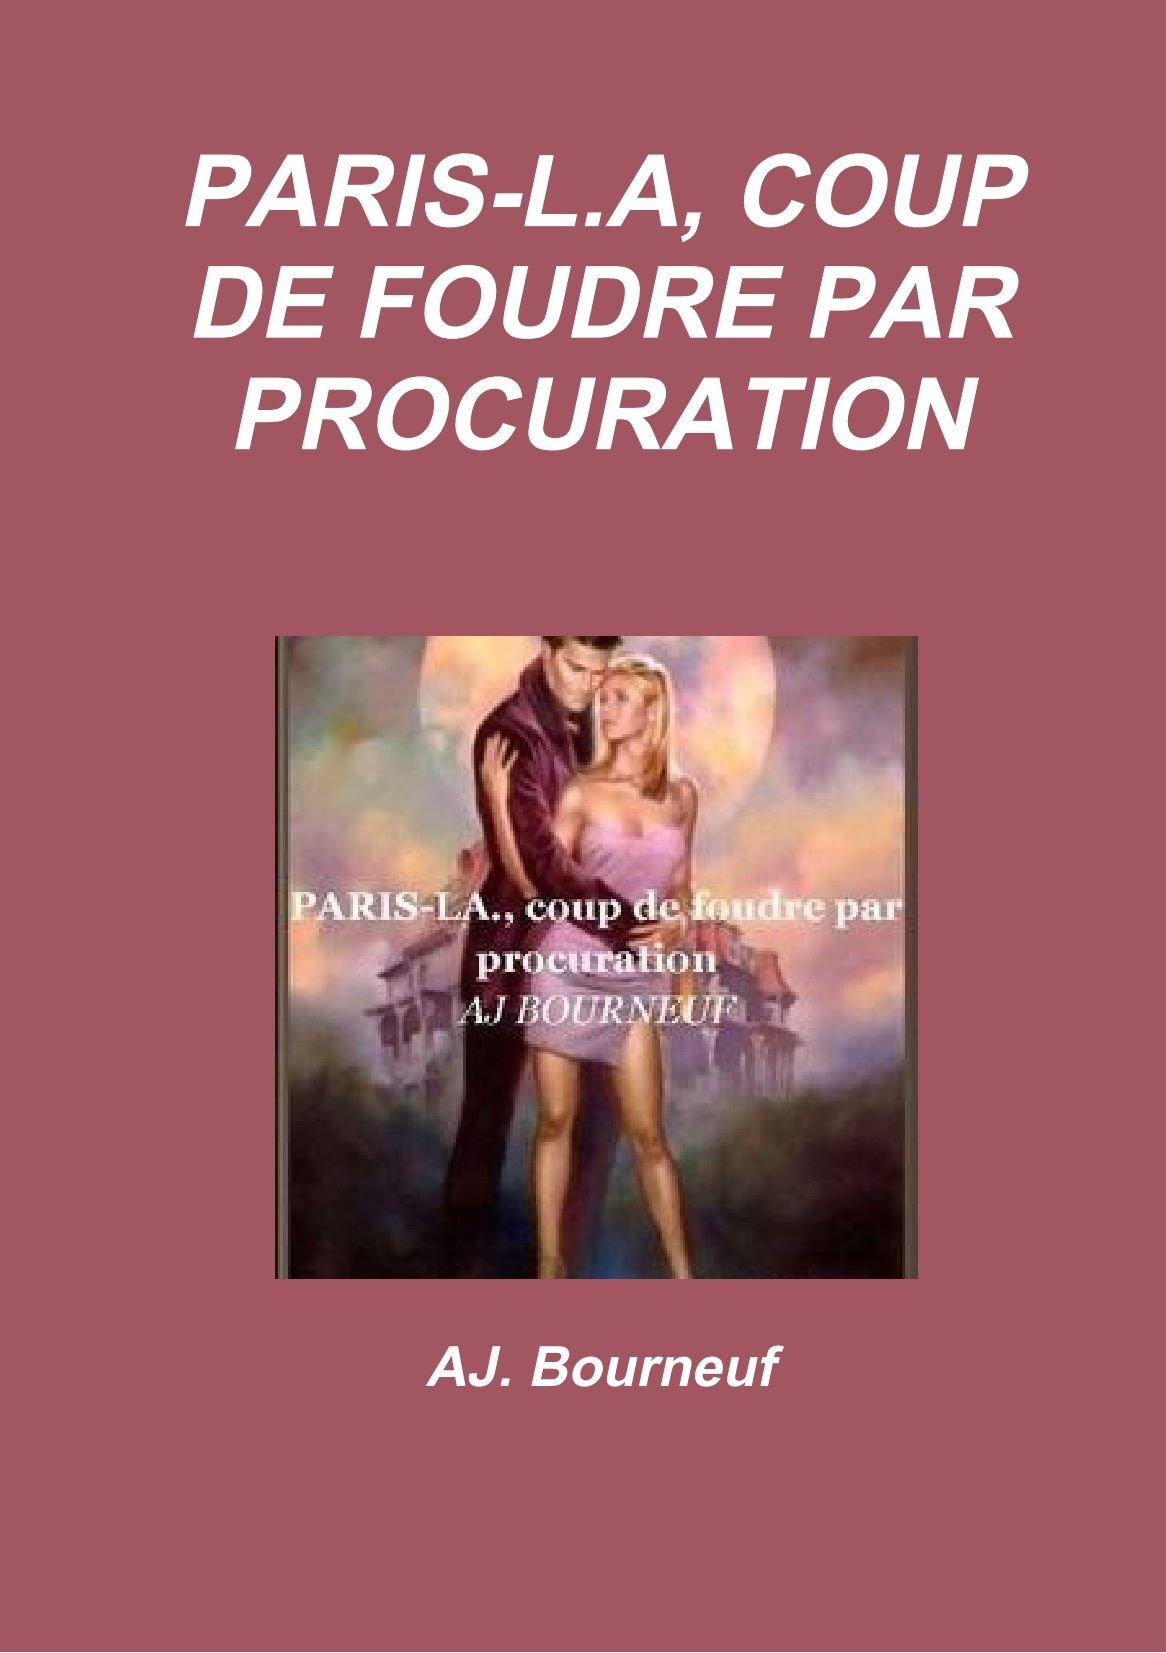 Le Mouvement Janséniste au diocèse de Rennes (suite)